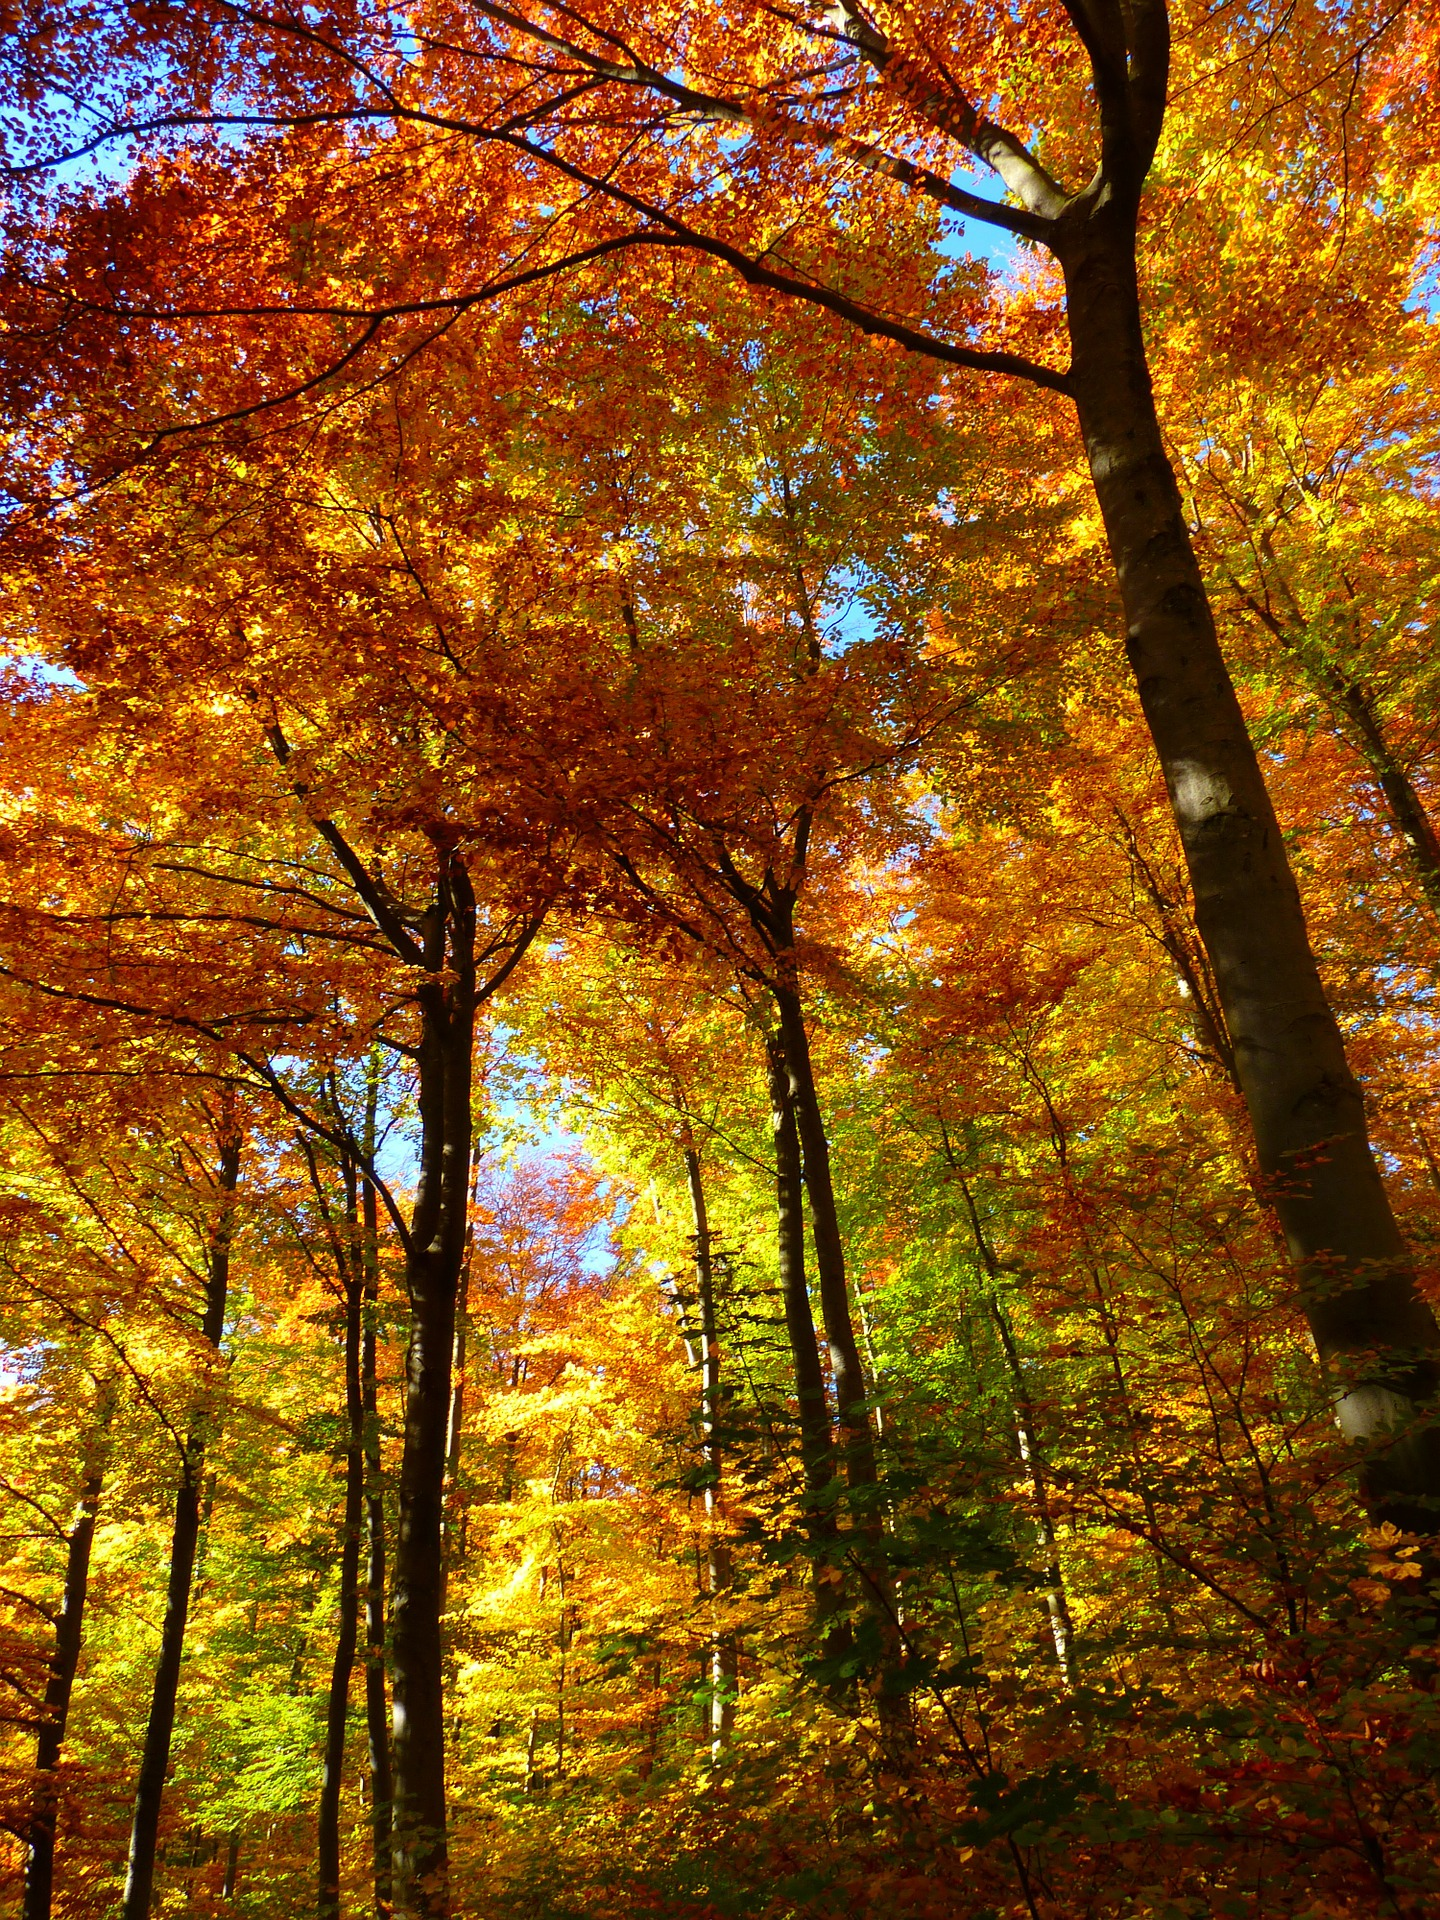 autumn fall leaves trees